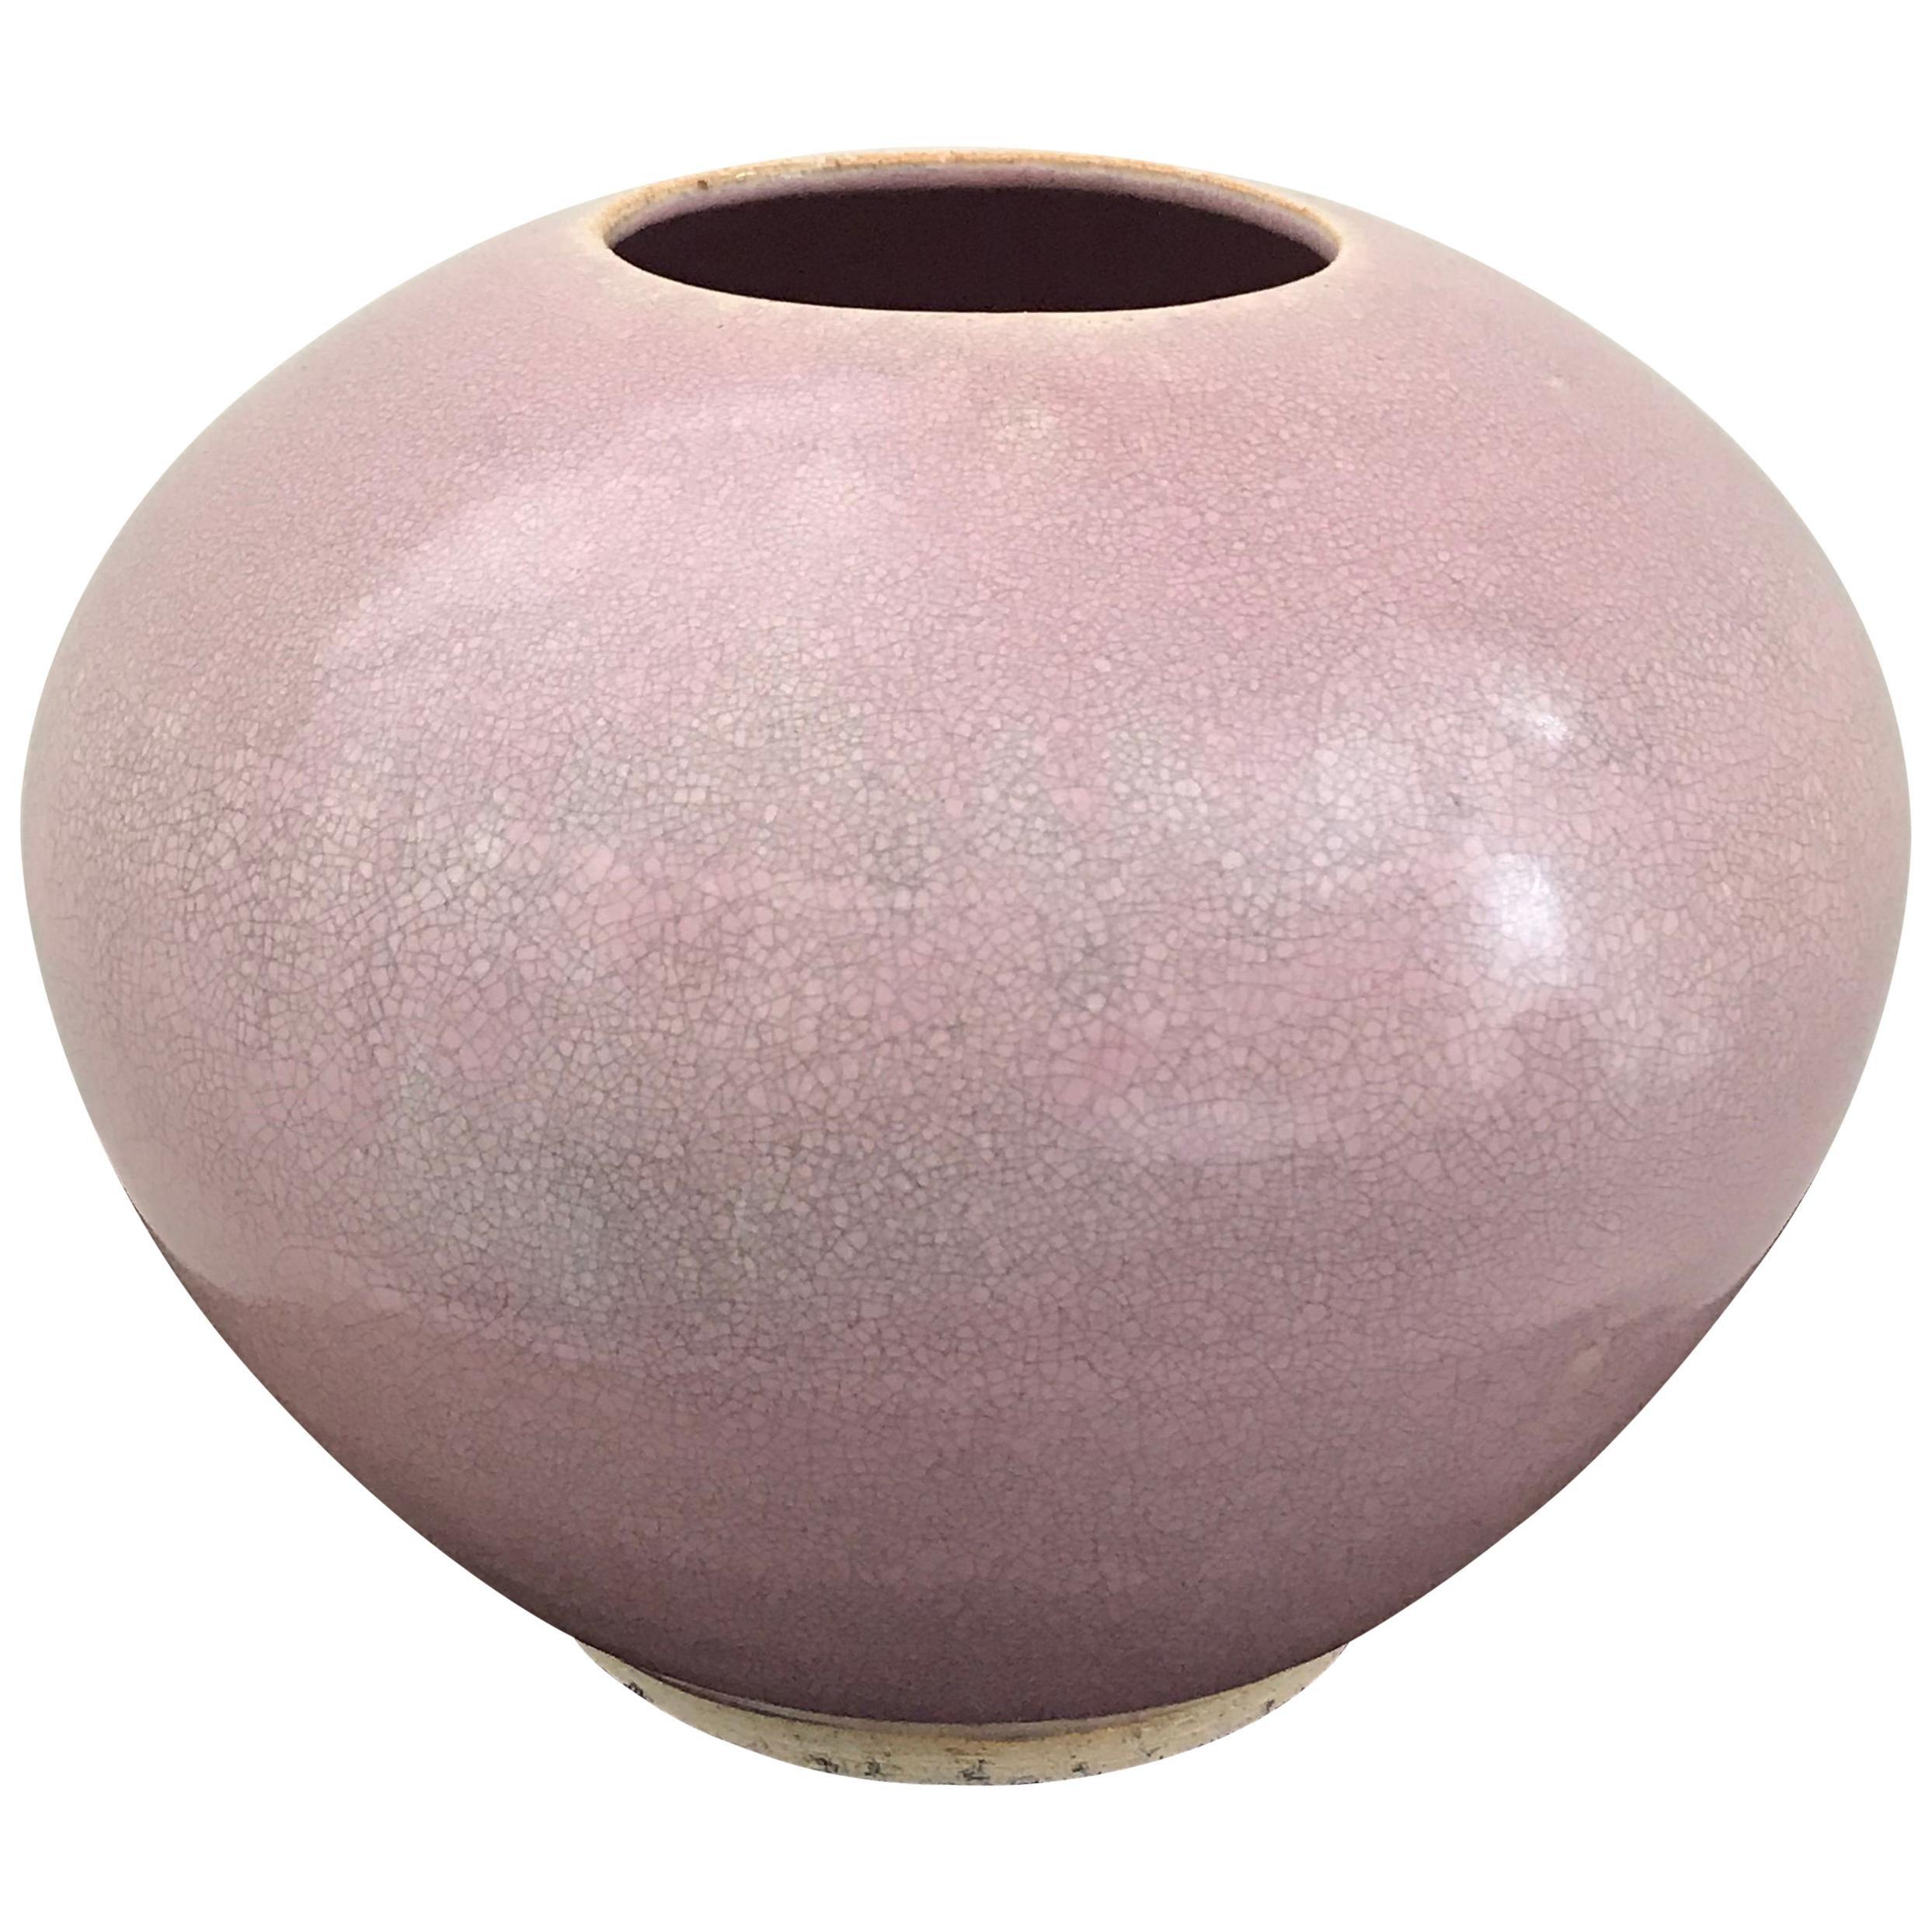 Mid-Century Modern Glazed Ceramic Vase by Walter Yovaish, 1975